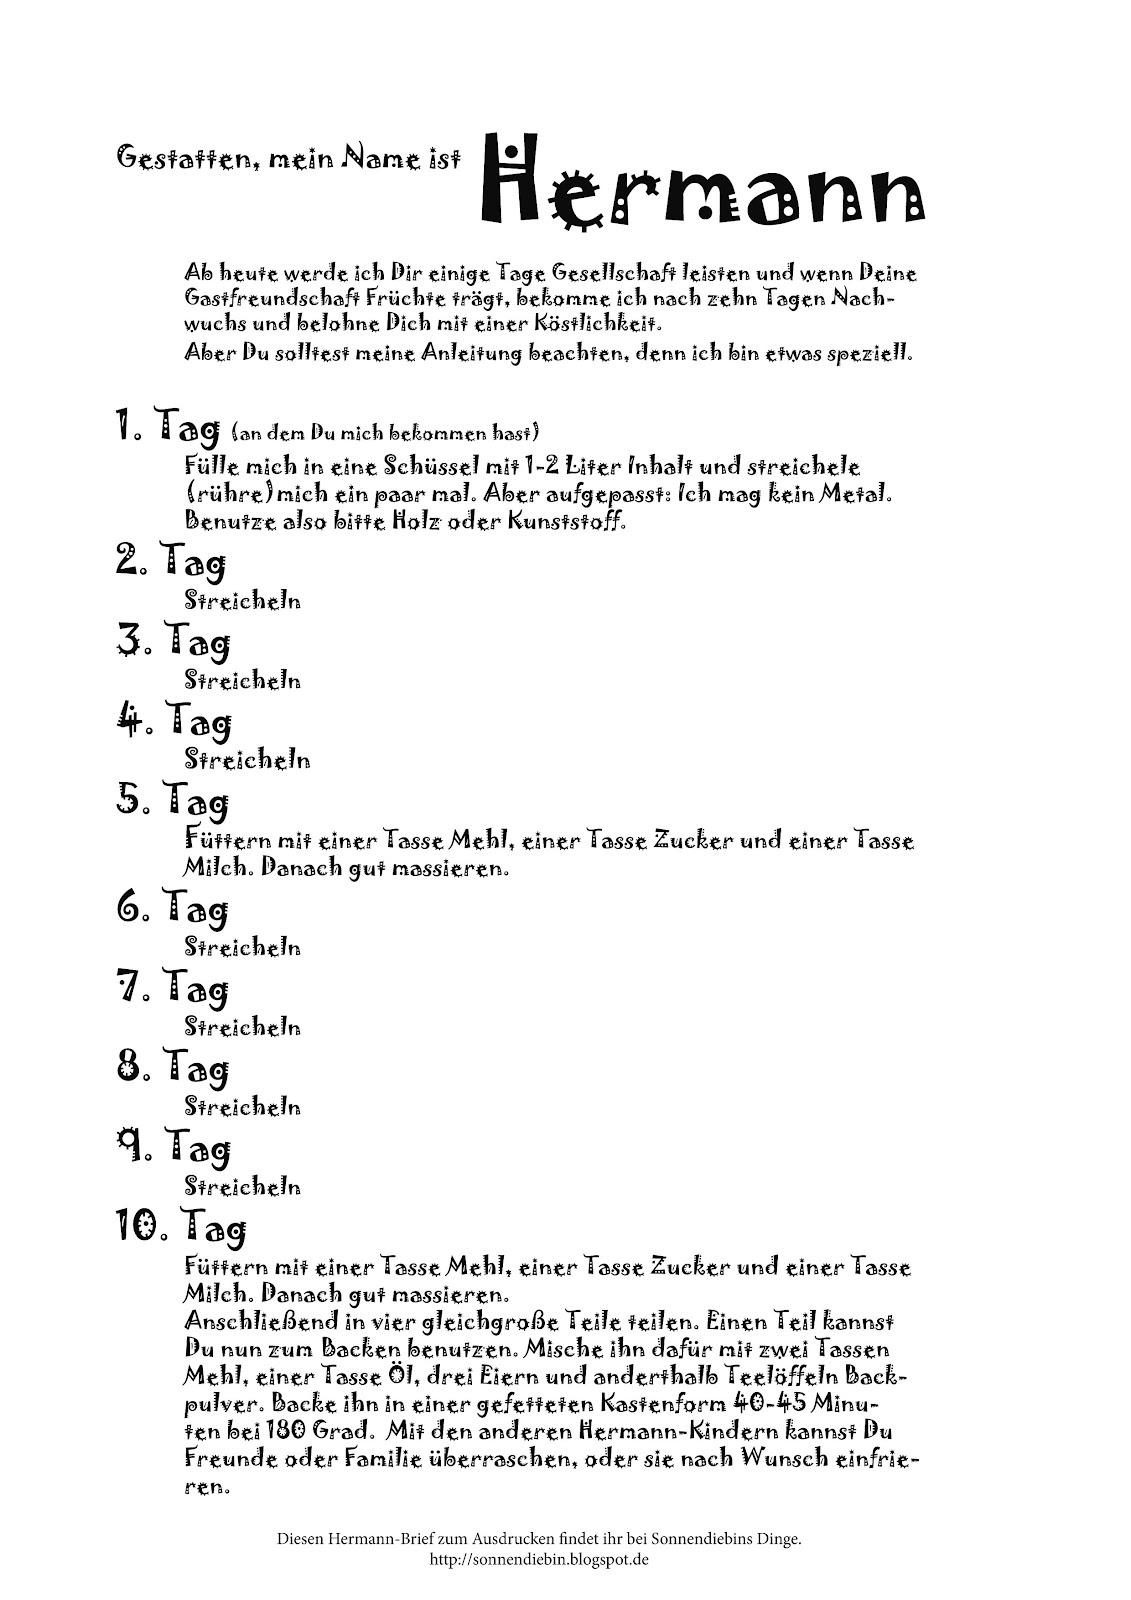 Hermann kuchen brief 10 tage